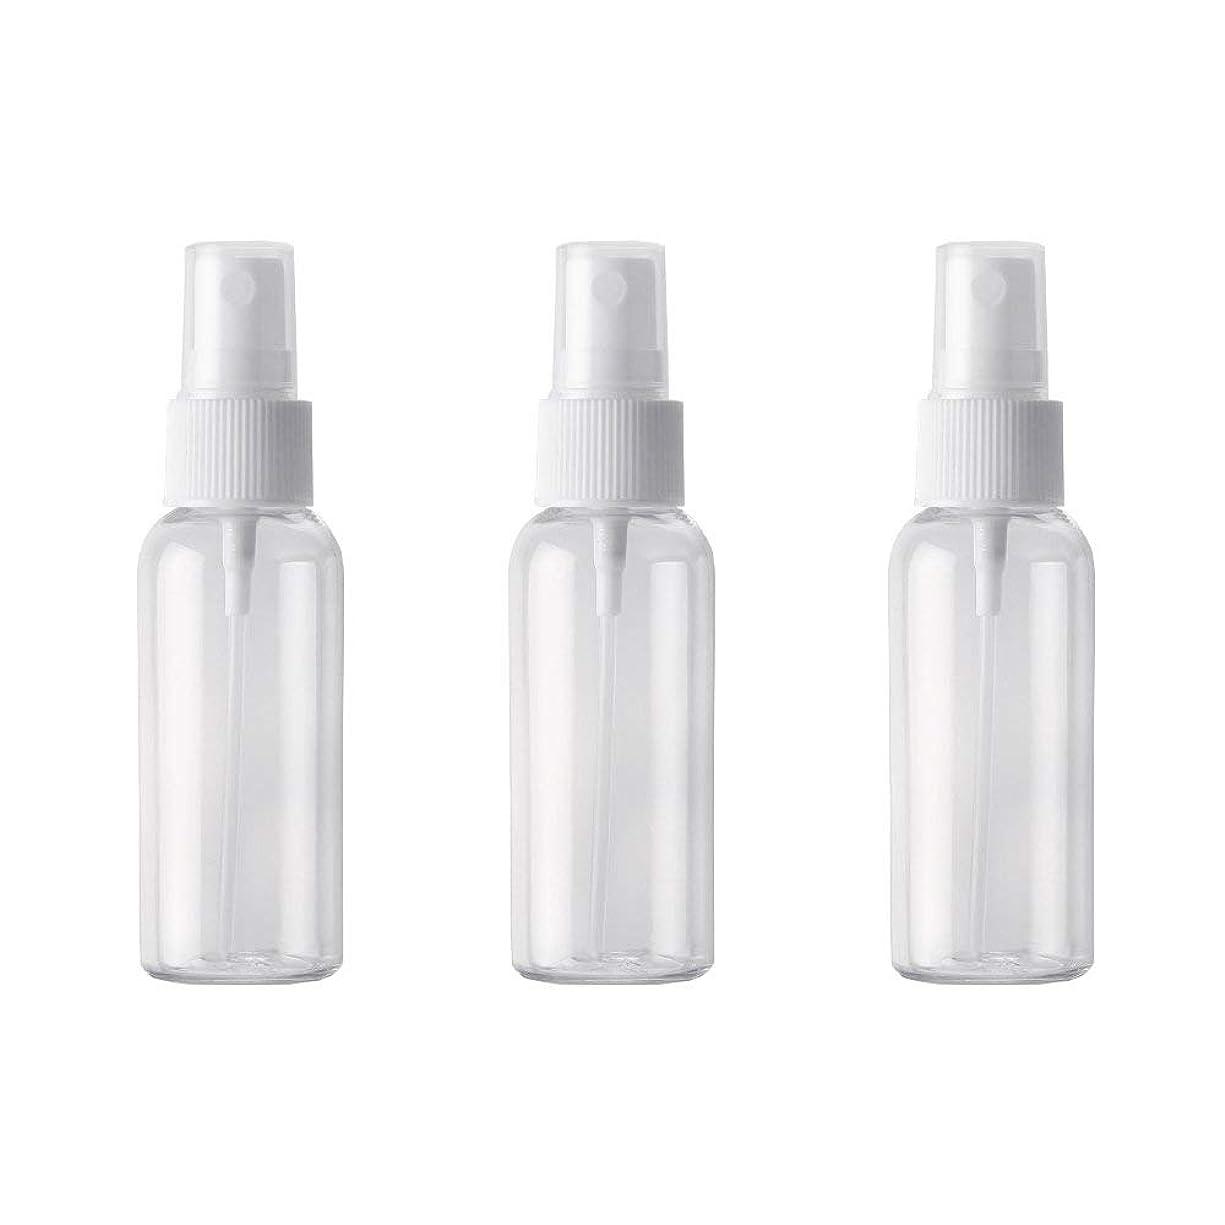 小分けボトル トラベルボトル スプレーボトル セット 霧吹き 小分け容器 (50ml )